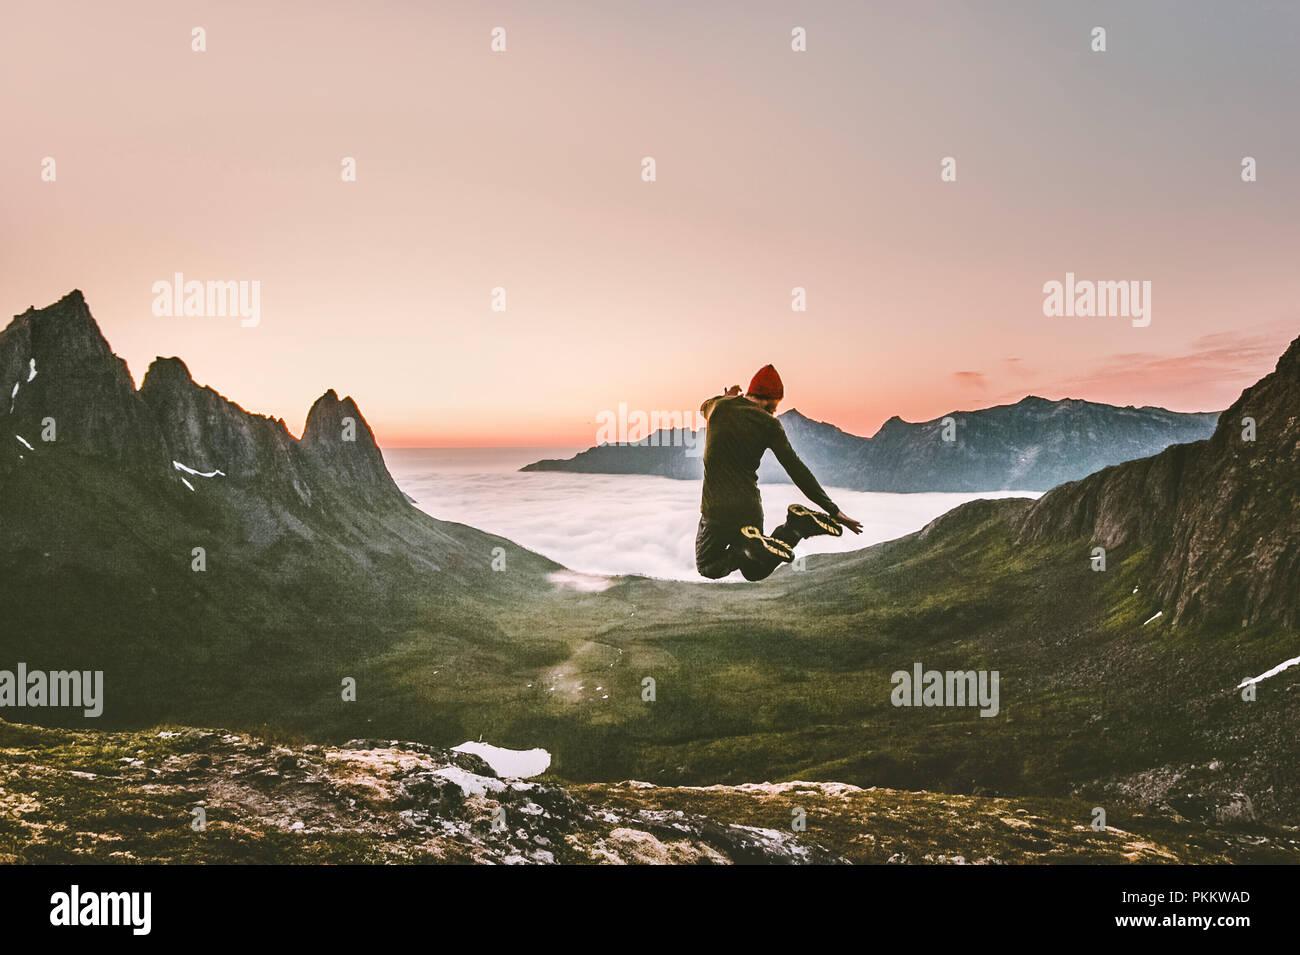 Uomo felice jumping Outdoor Lifestyle Travel Adventure Concept vacanze attive in Norvegia montagne al tramonto il successo e il divertimento di euforia emozioni Immagini Stock